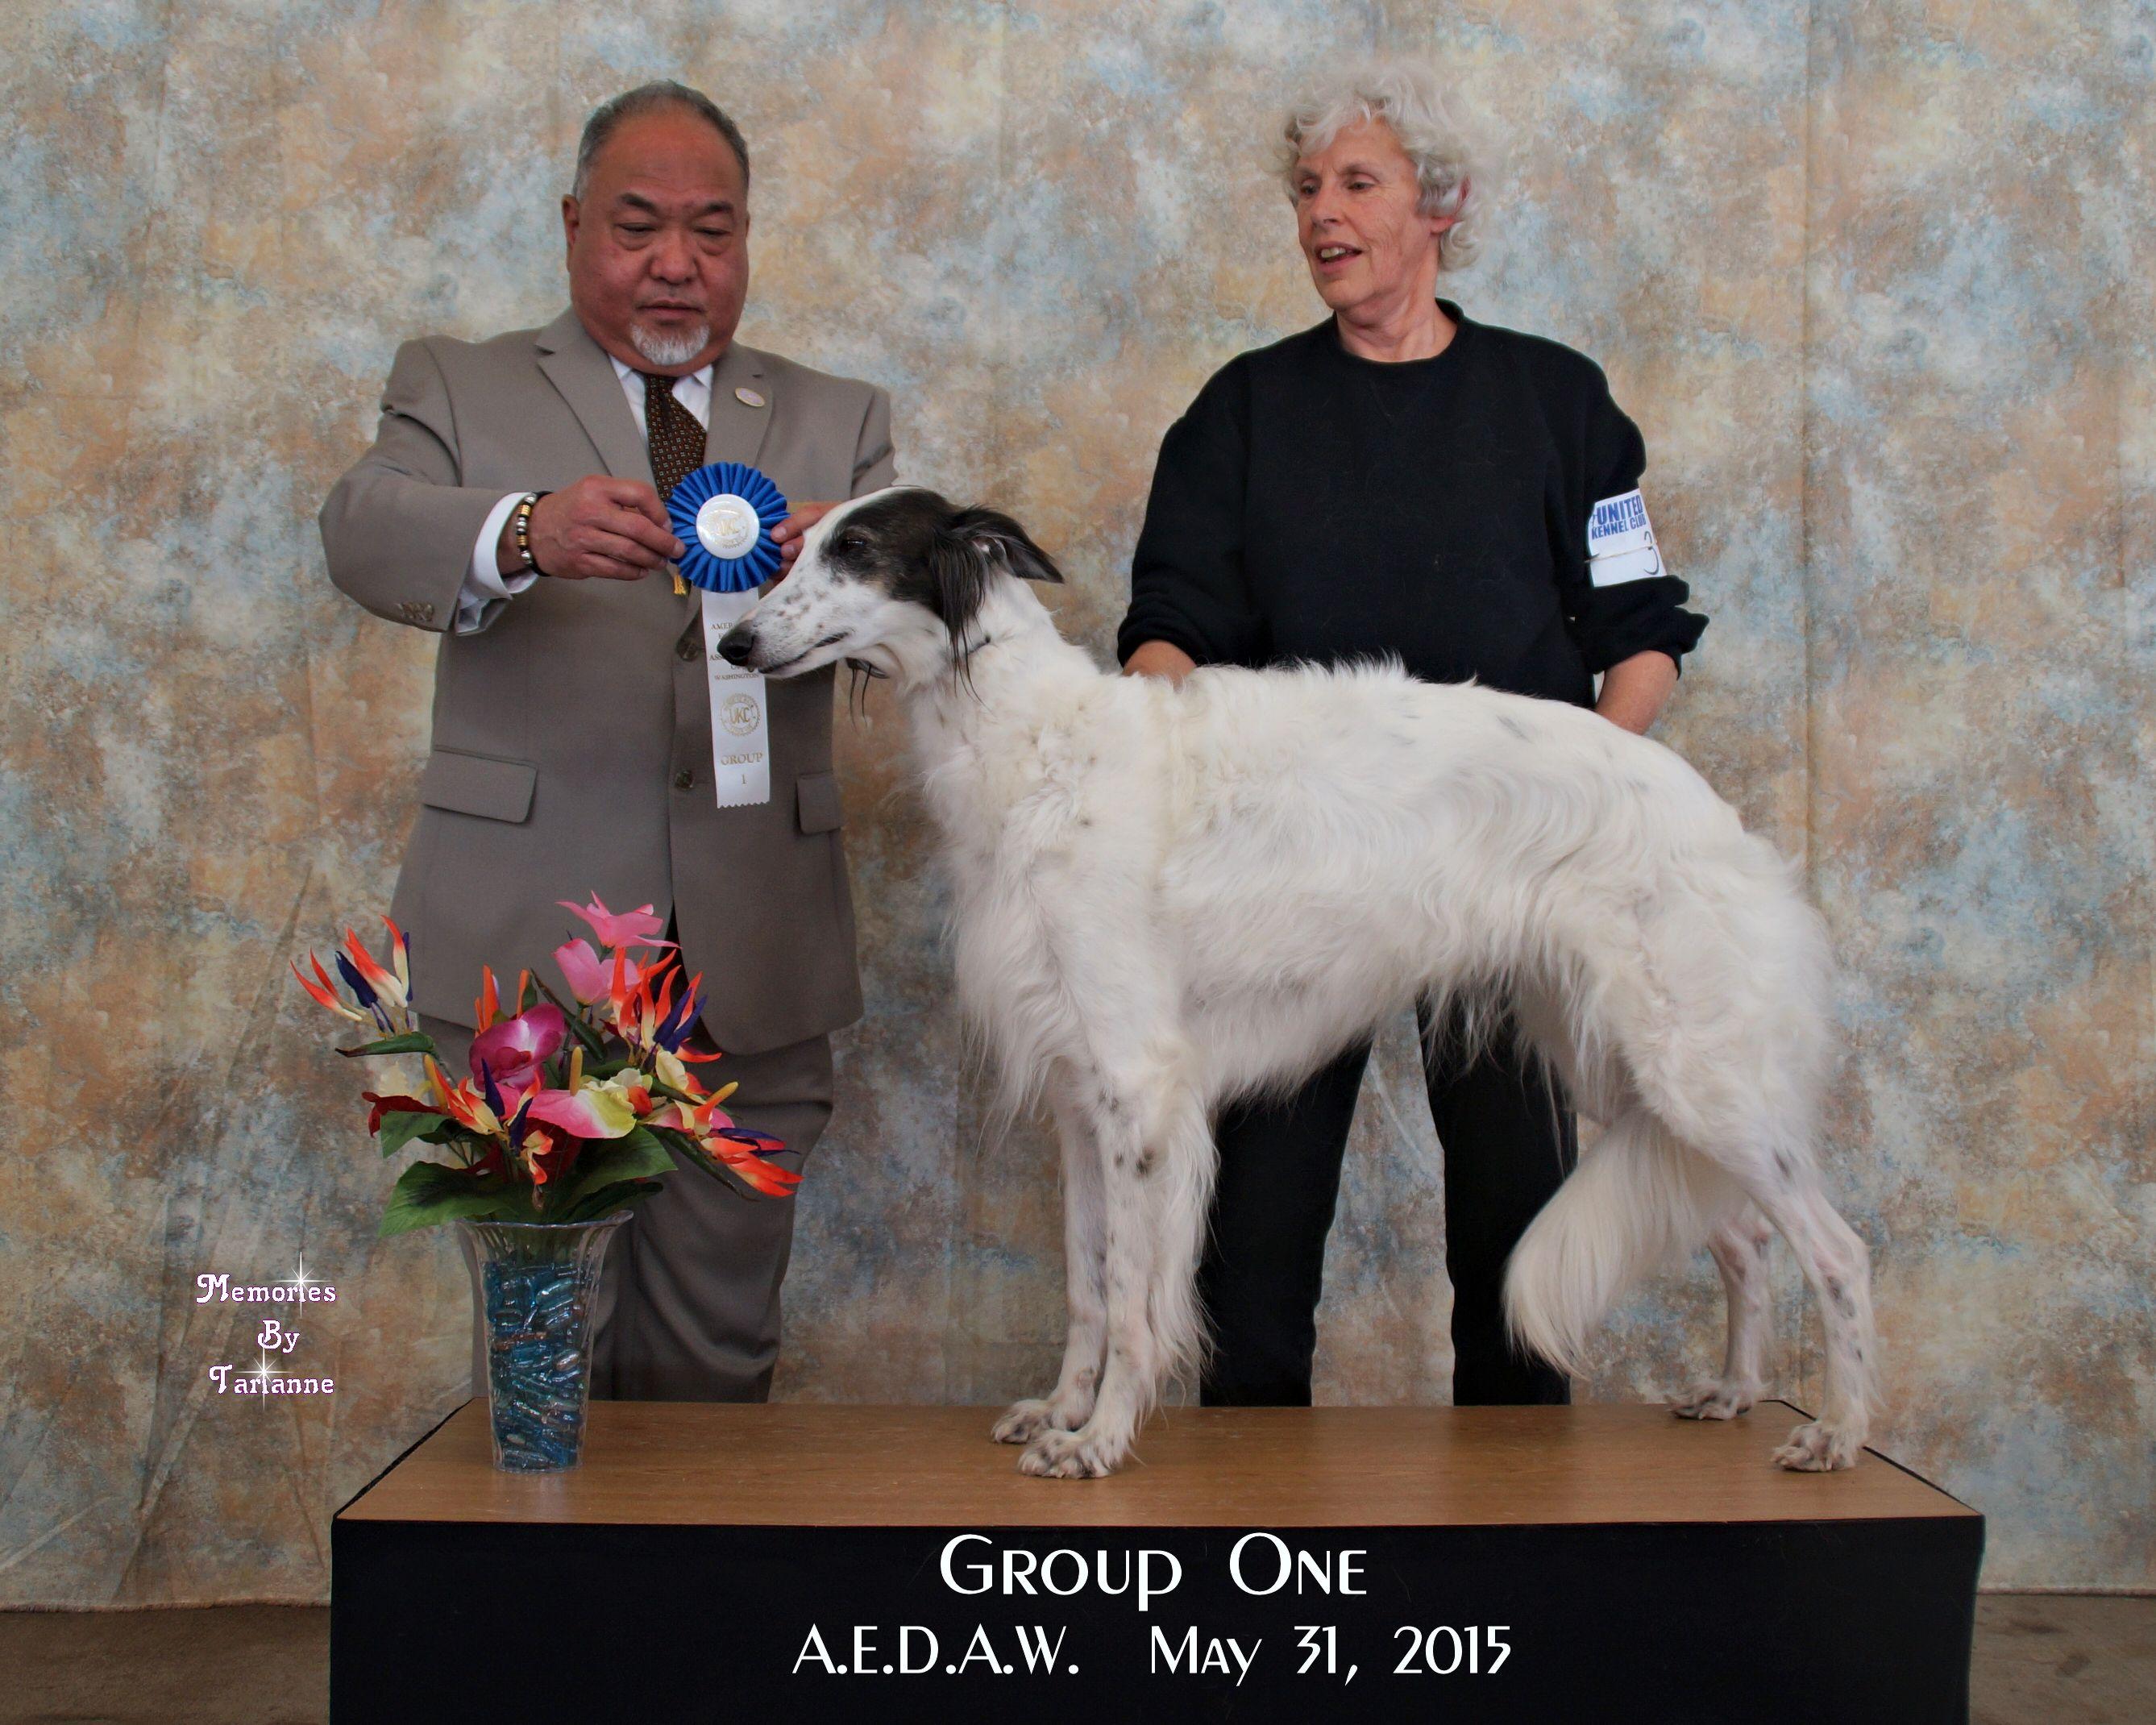 Bali Winning the Sighthound group 05/31/2015